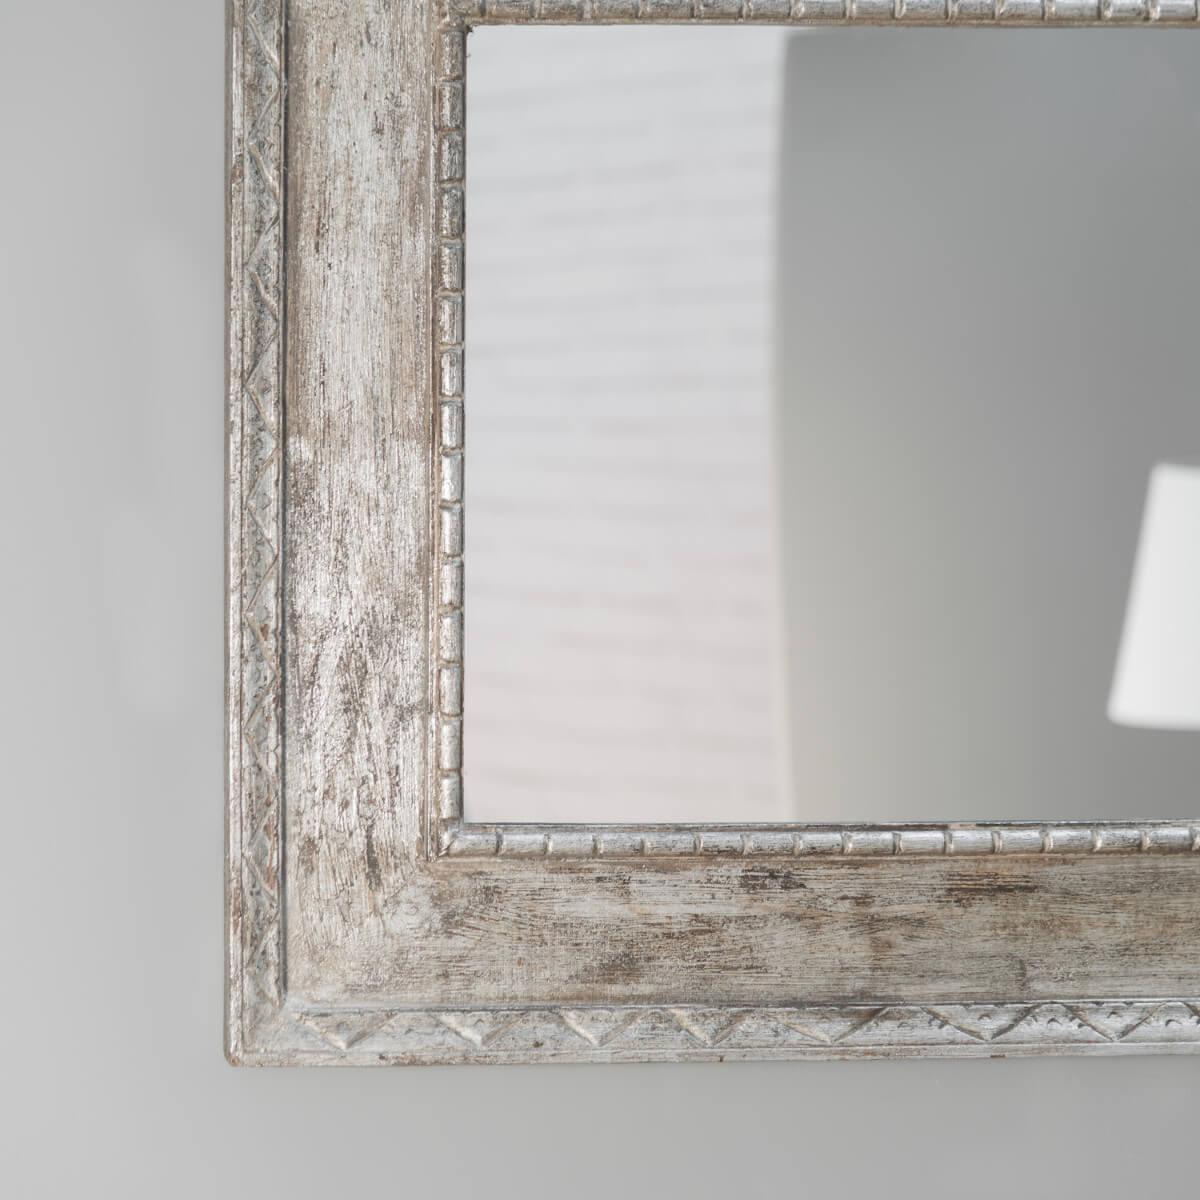 miroir 140 amazing miroir salle de bain complete ensemble double l miroir salle de bain x with. Black Bedroom Furniture Sets. Home Design Ideas